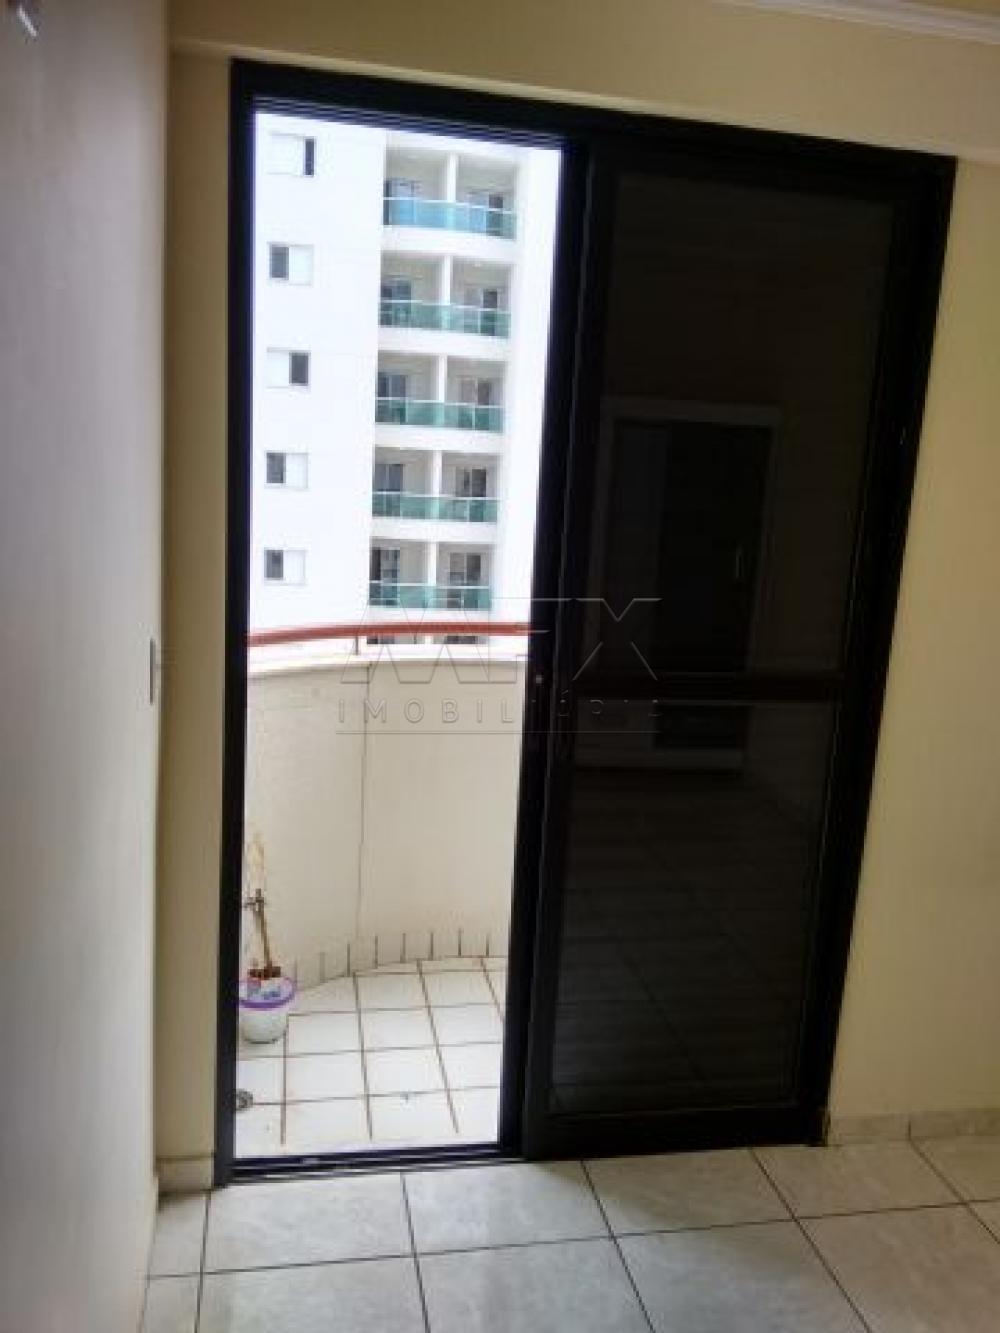 Alugar Apartamento / Padrão em Bauru apenas R$ 600,00 - Foto 6